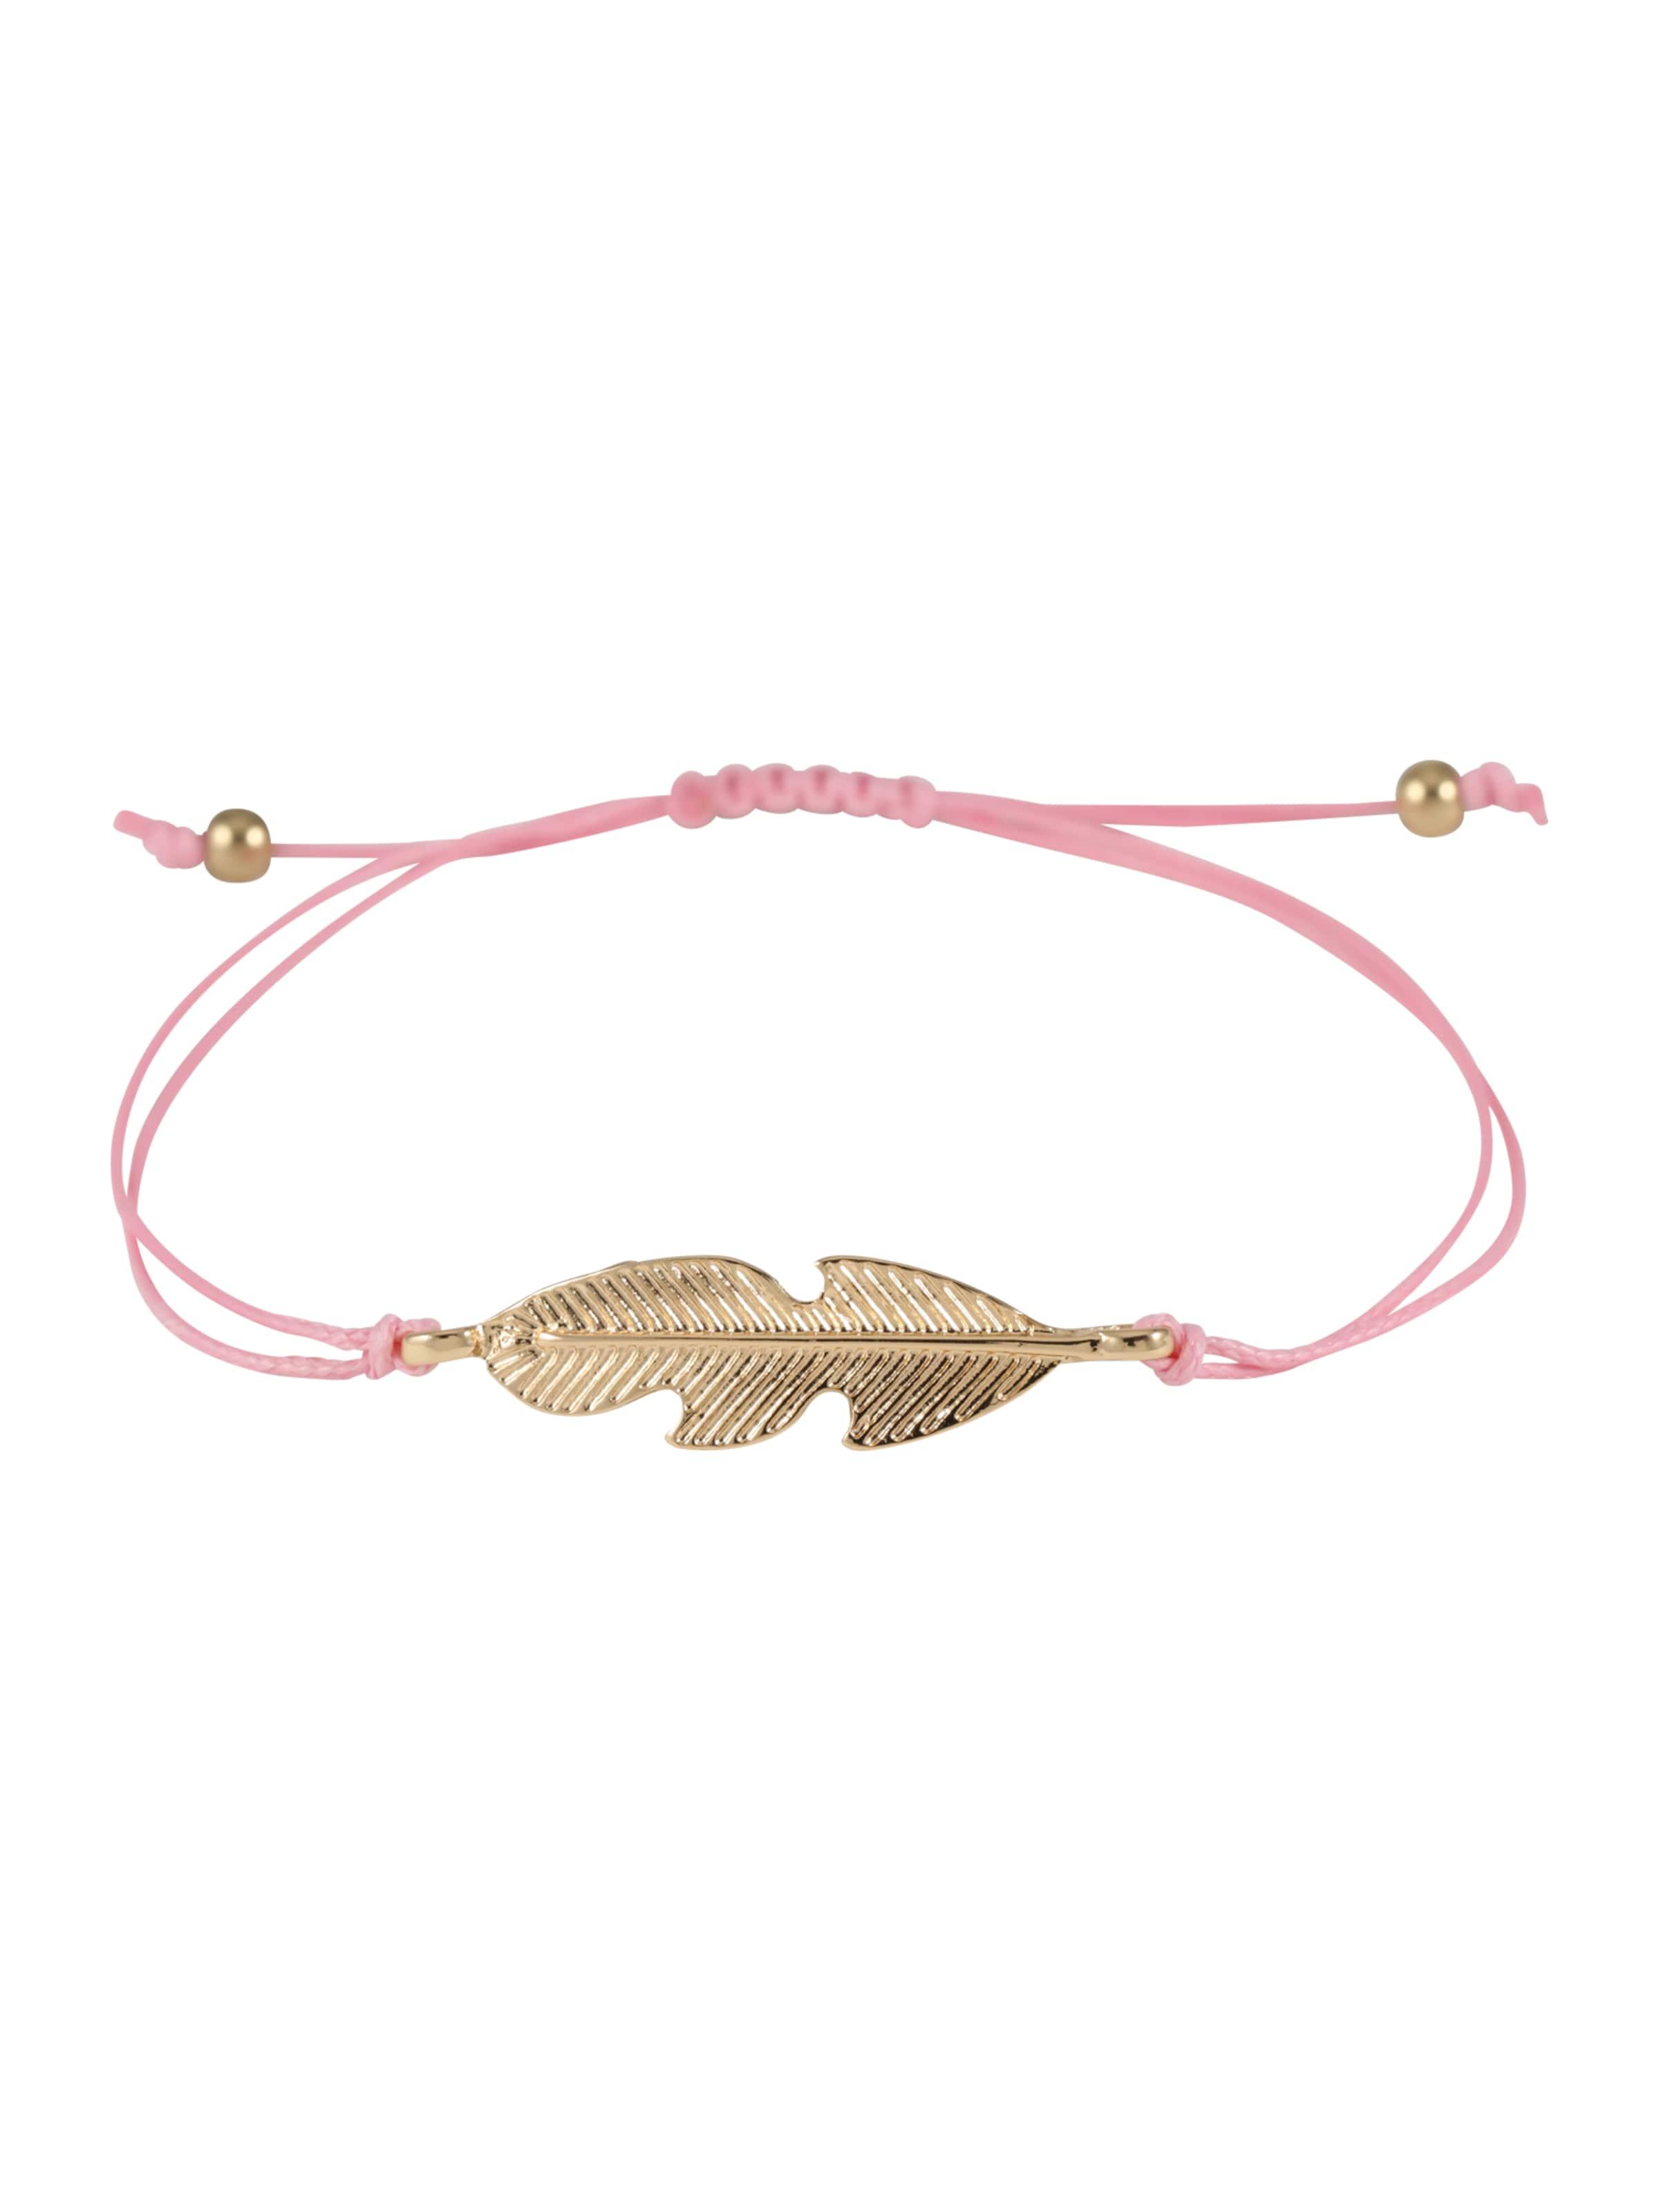 About Bracelet You OrRose En 'nika' lFJKc1